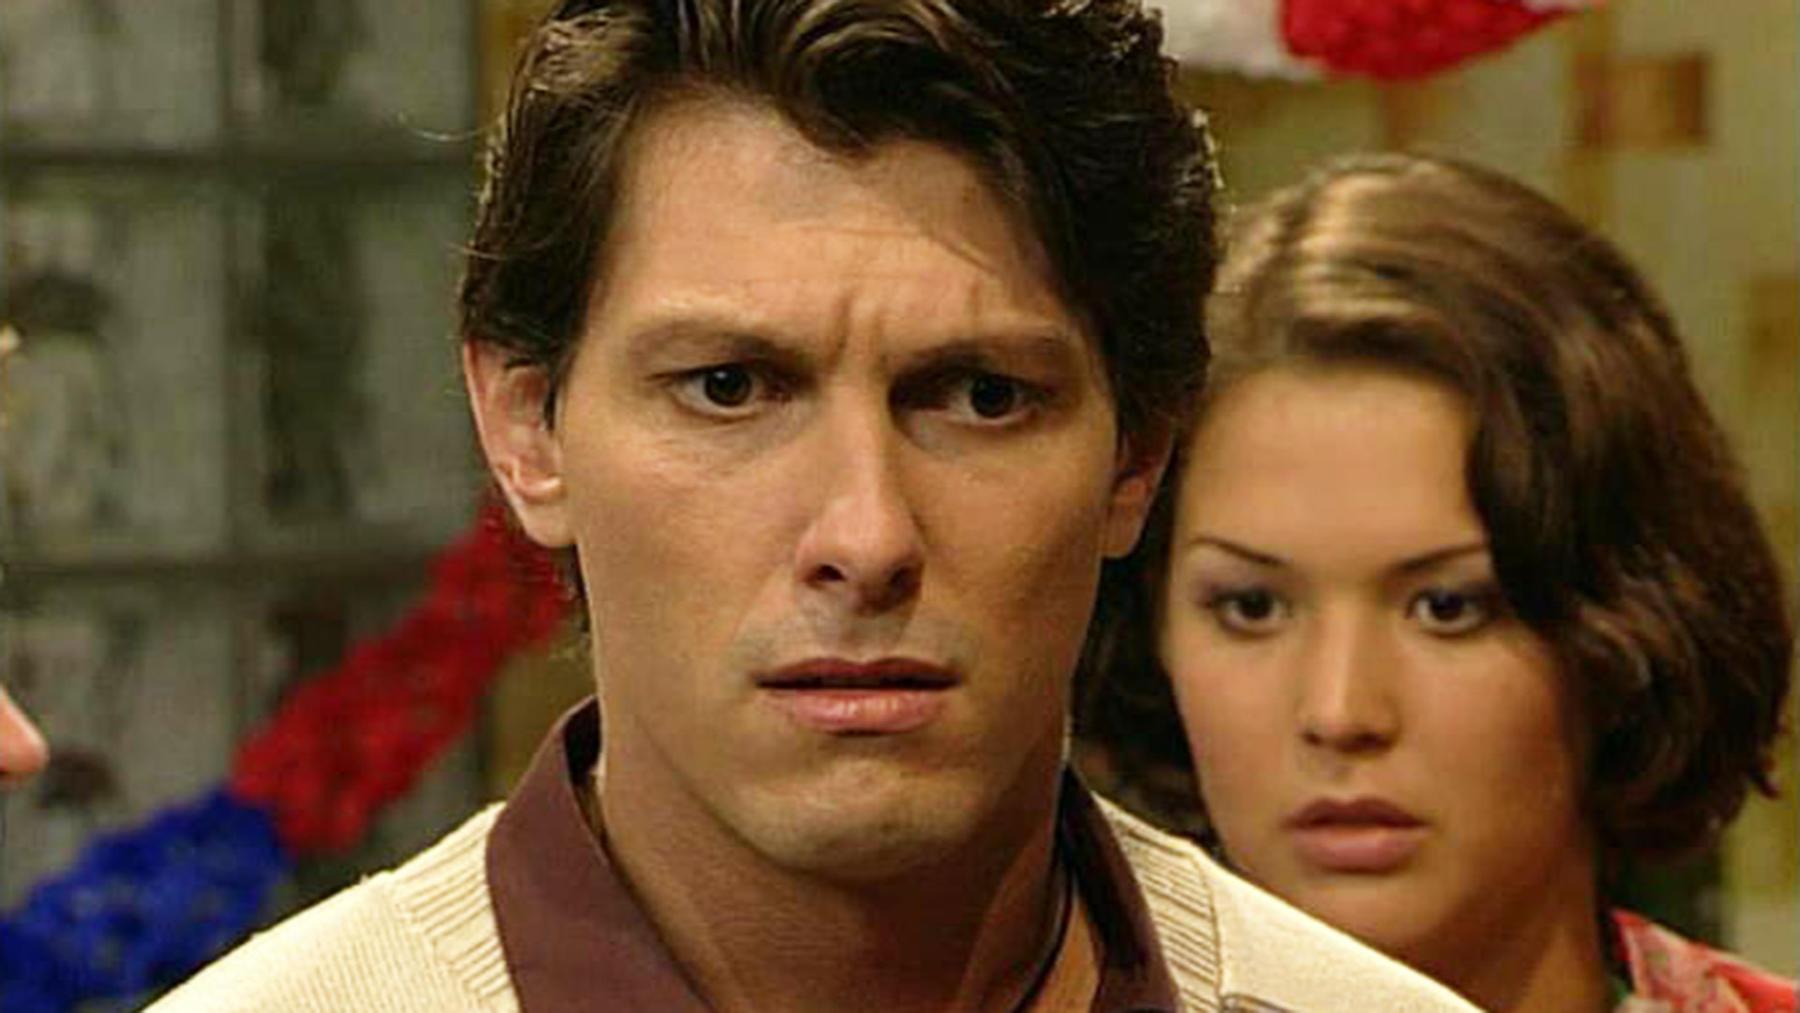 Laura bietet ihrem Vater an, ihm eine Niere zu spenden.